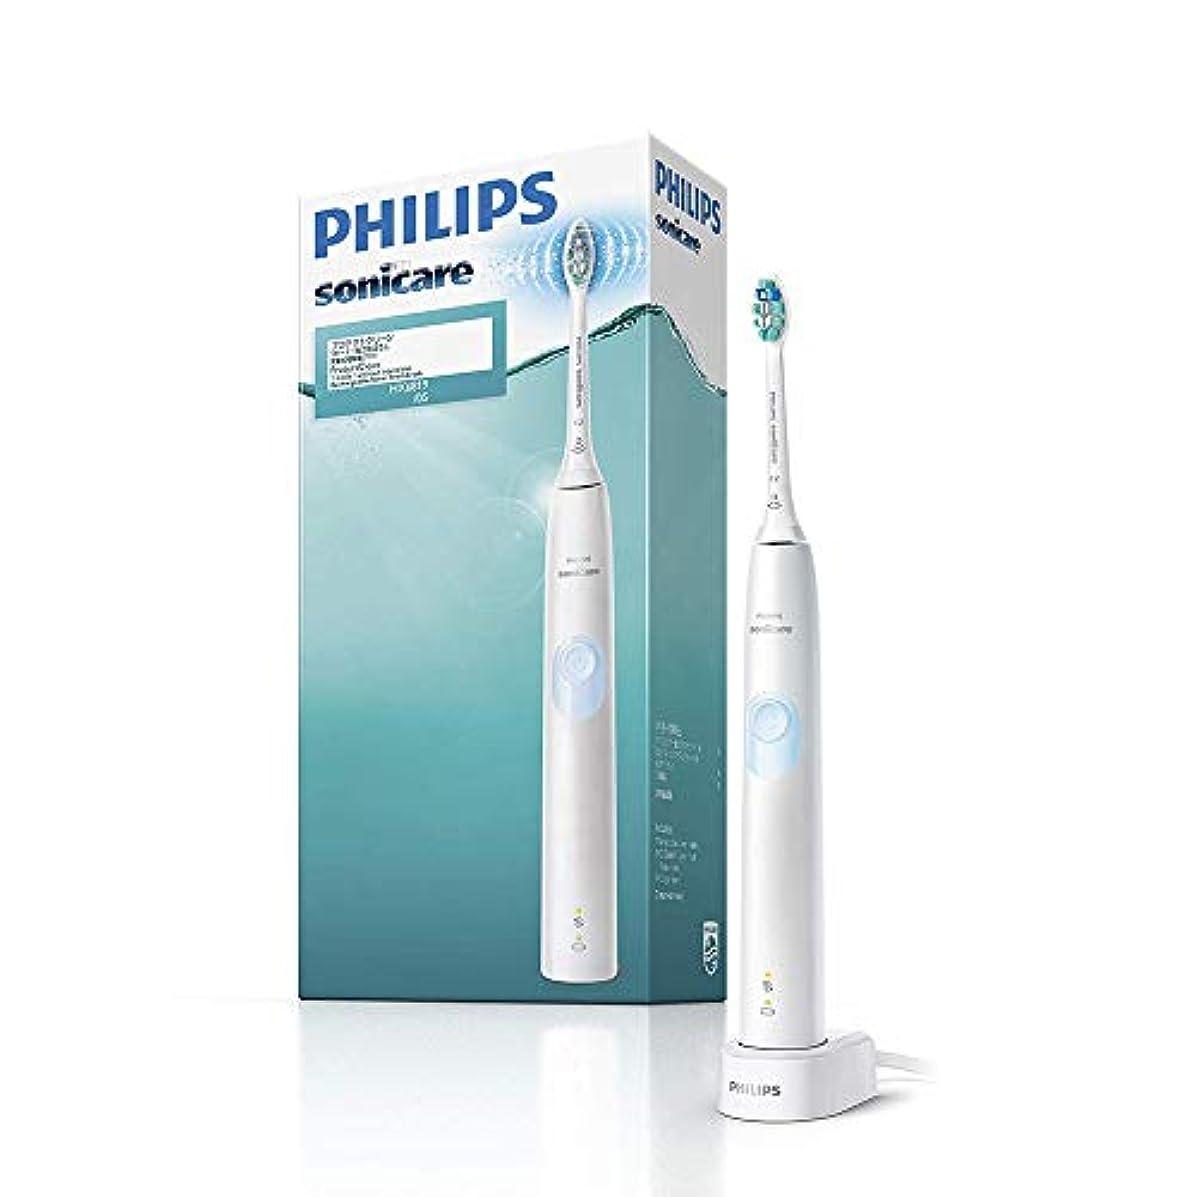 【Amazon.co.jp限定】フィリップス ソニッケアー プロテクトクリーン ホワイトライトブルー 電動歯ブラシ 強さ設定なし HX6819/05